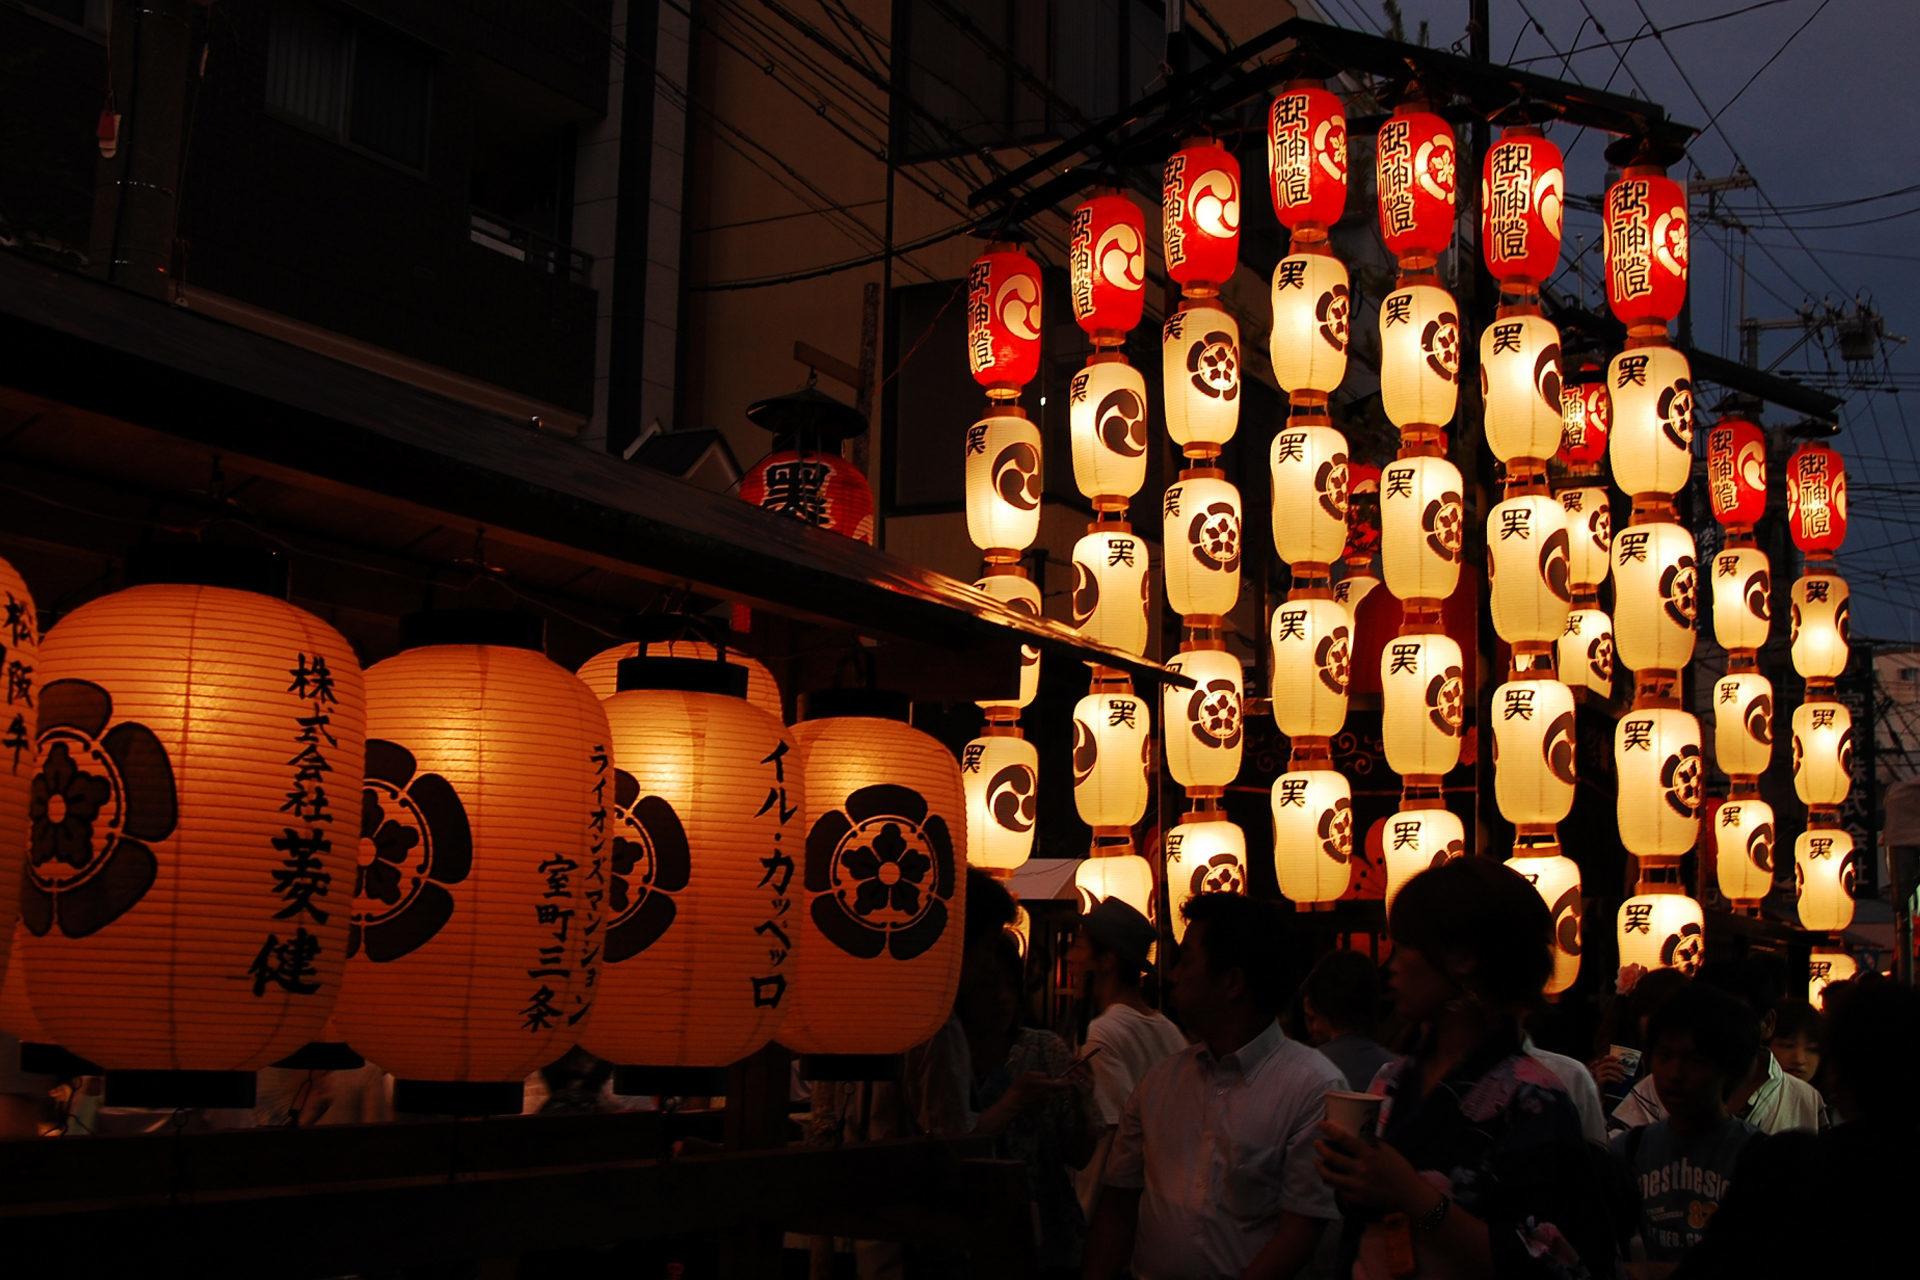 京都市東山区の八坂神社